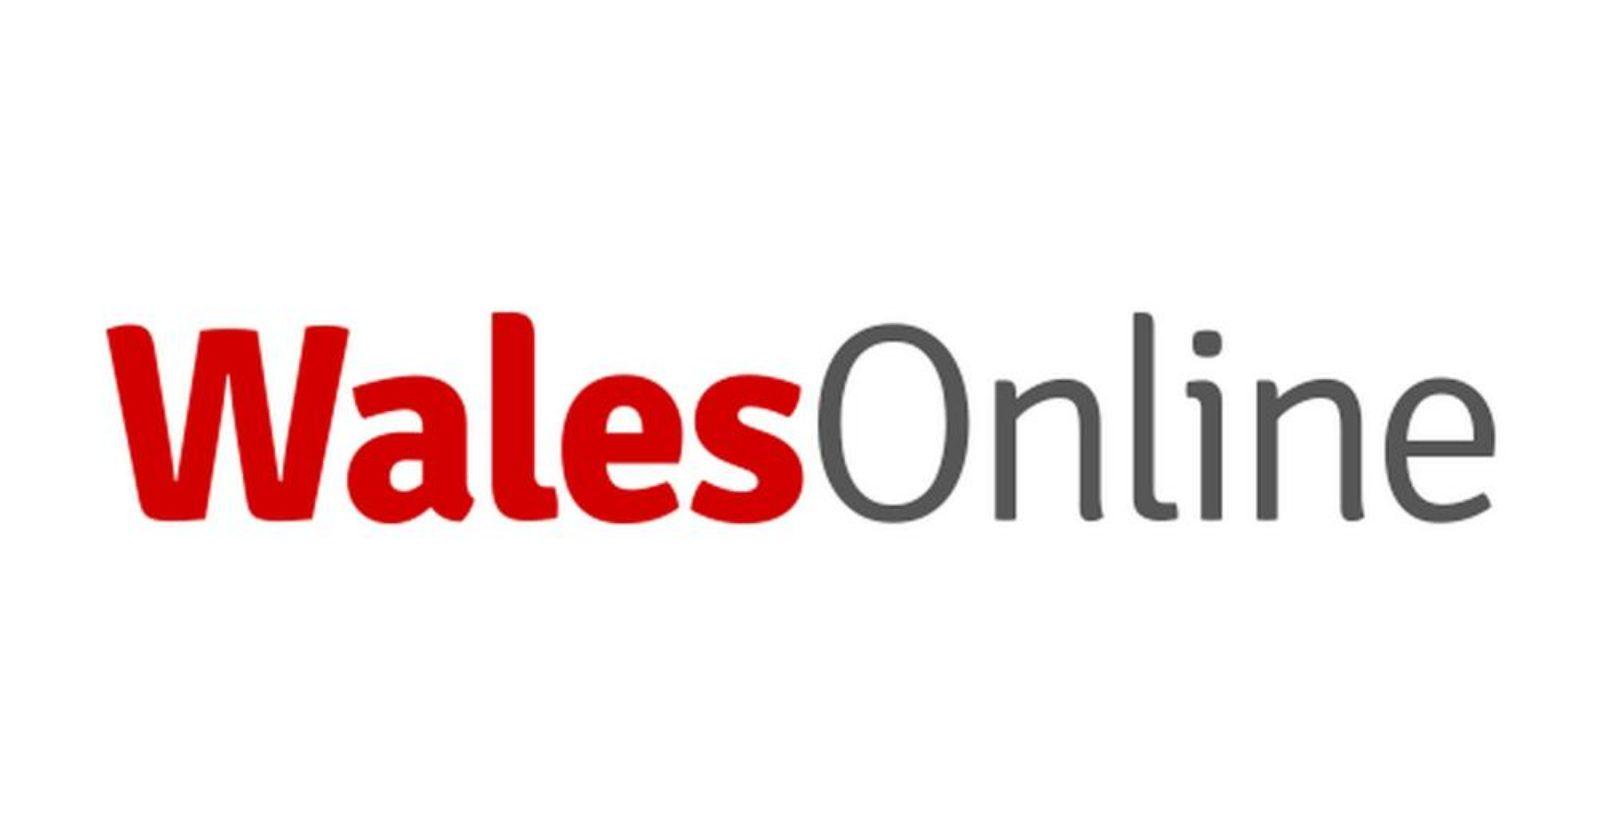 wales online.jpg